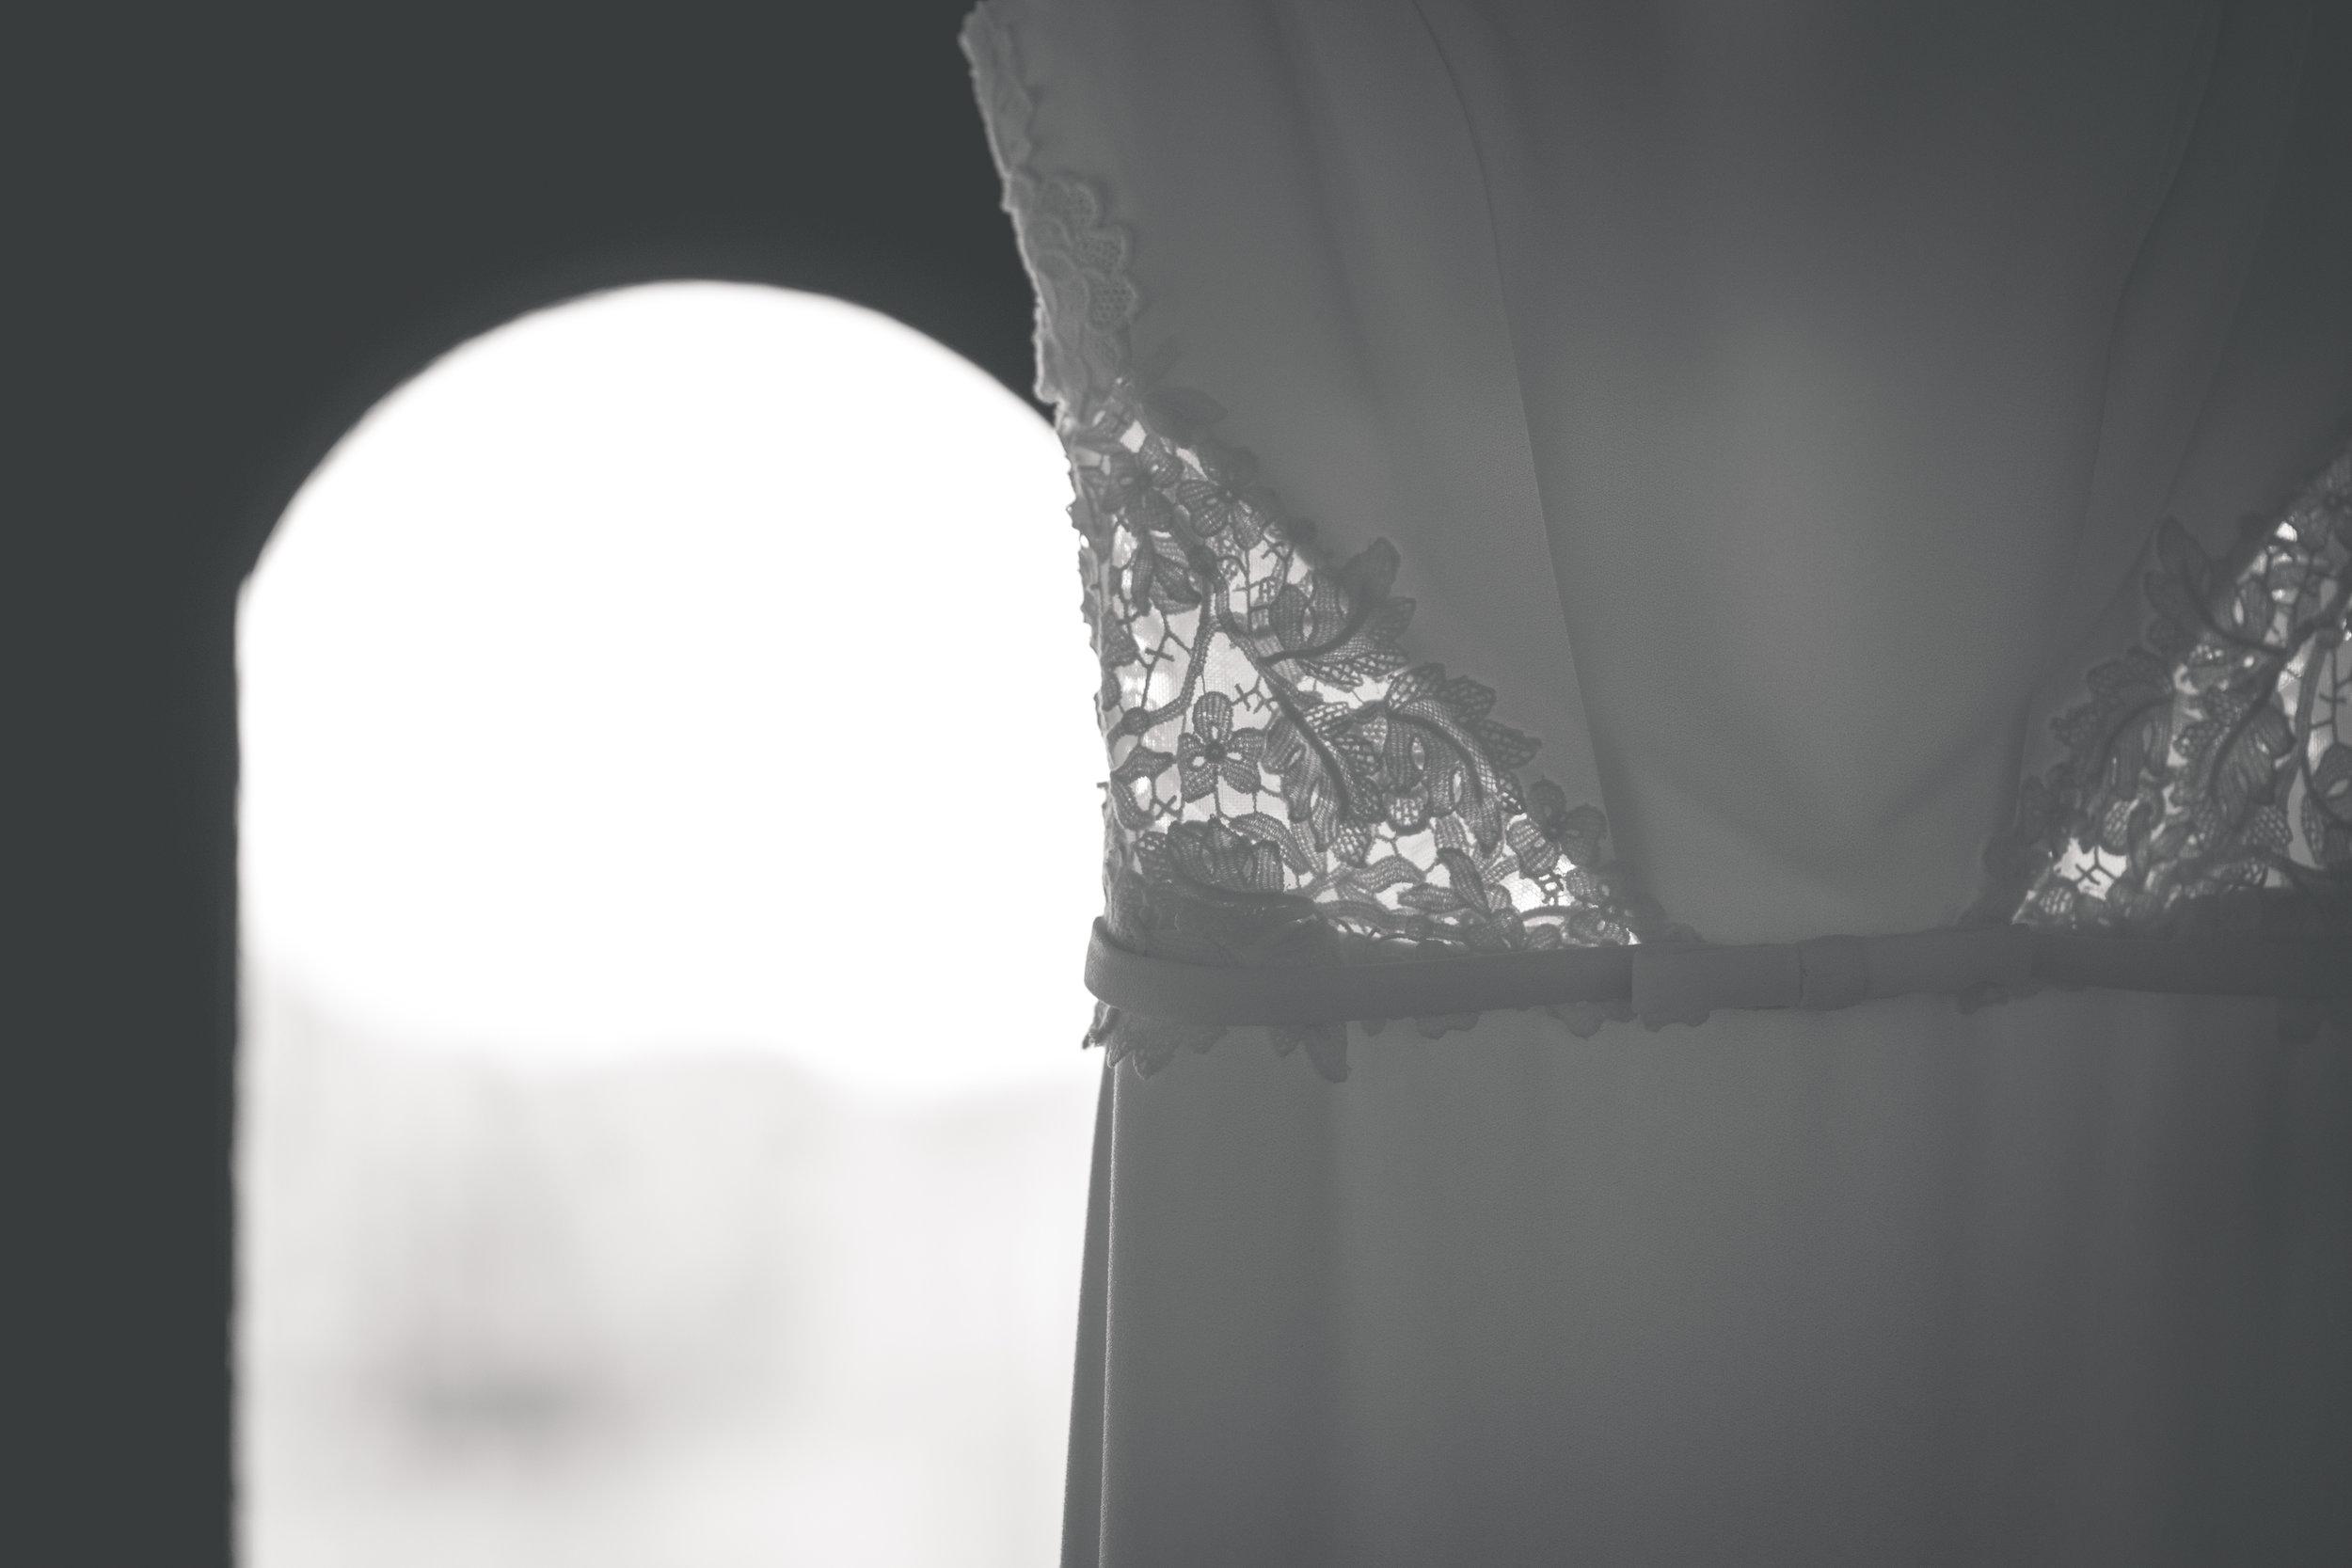 Brian McEwan Wedding Photography | Carol-Anne & Sean | Bridal Preparations-16.jpg